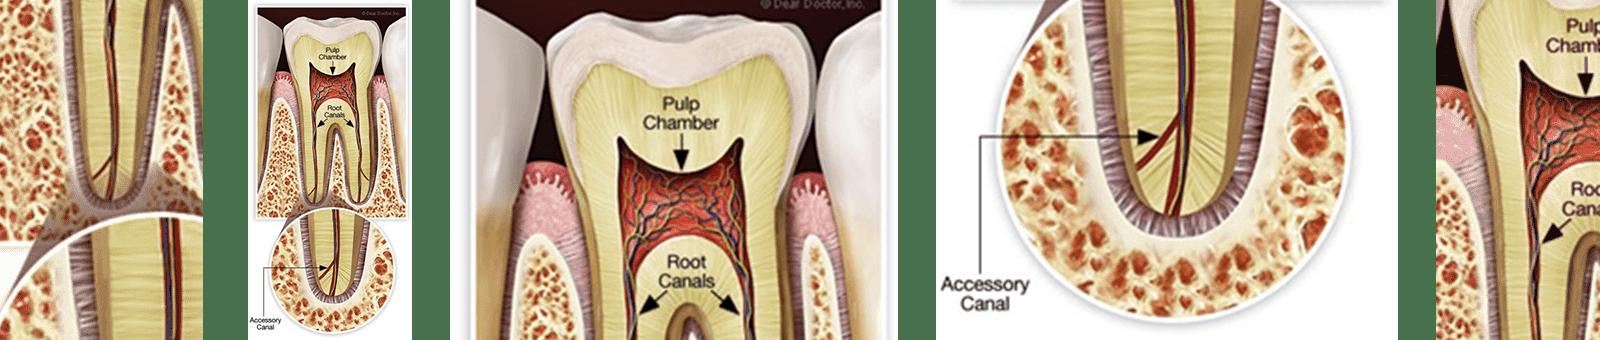 تصویری که عفونت ریشه دندان را نشان می دهدکه نیازمند درمان ریشه مجدد است